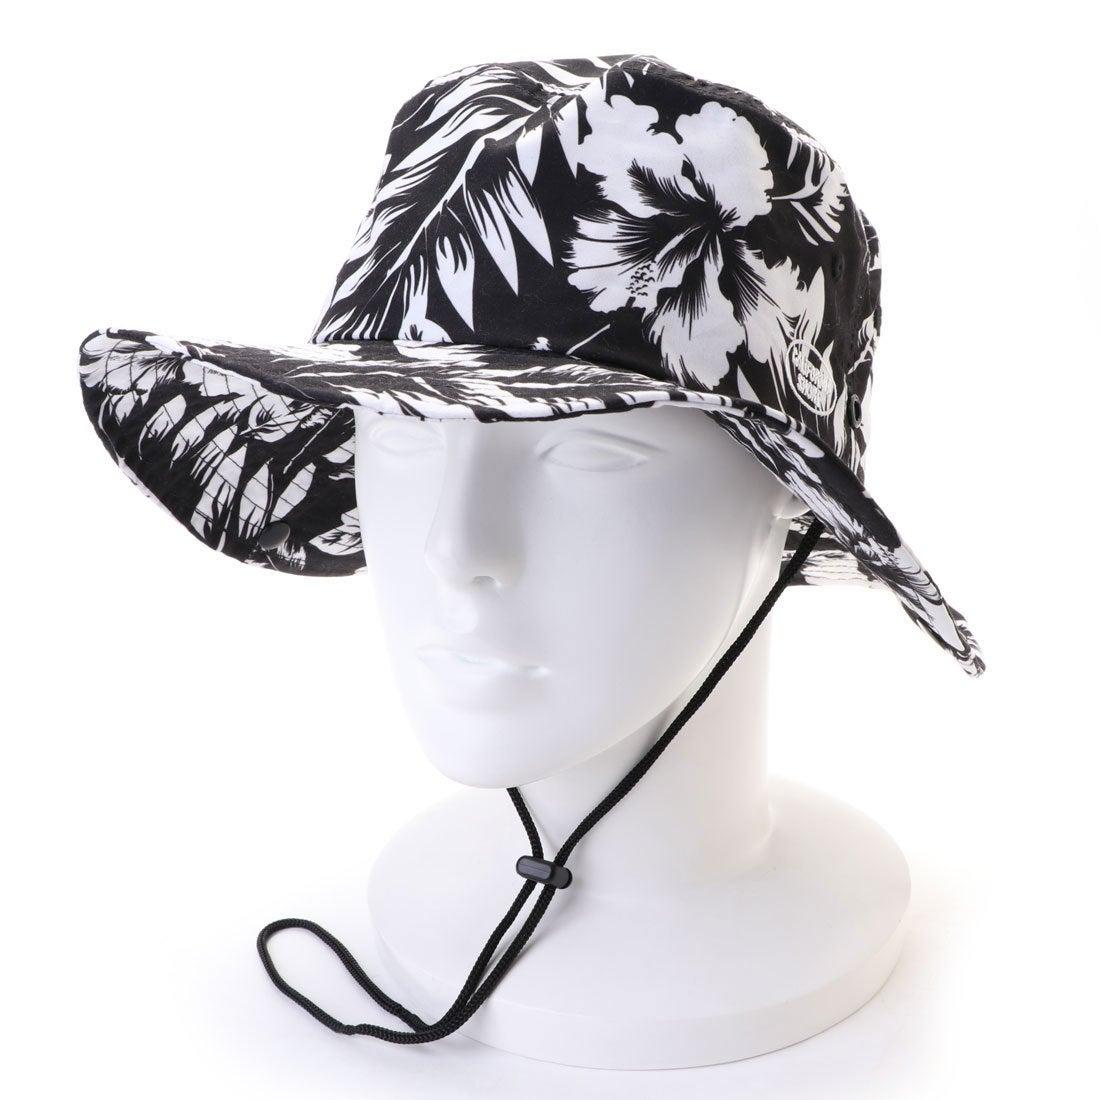 ロコンド 靴とファッションの通販サイトカリフォルニアショア California Shore マリン 帽子 マリンハット柄 428-461